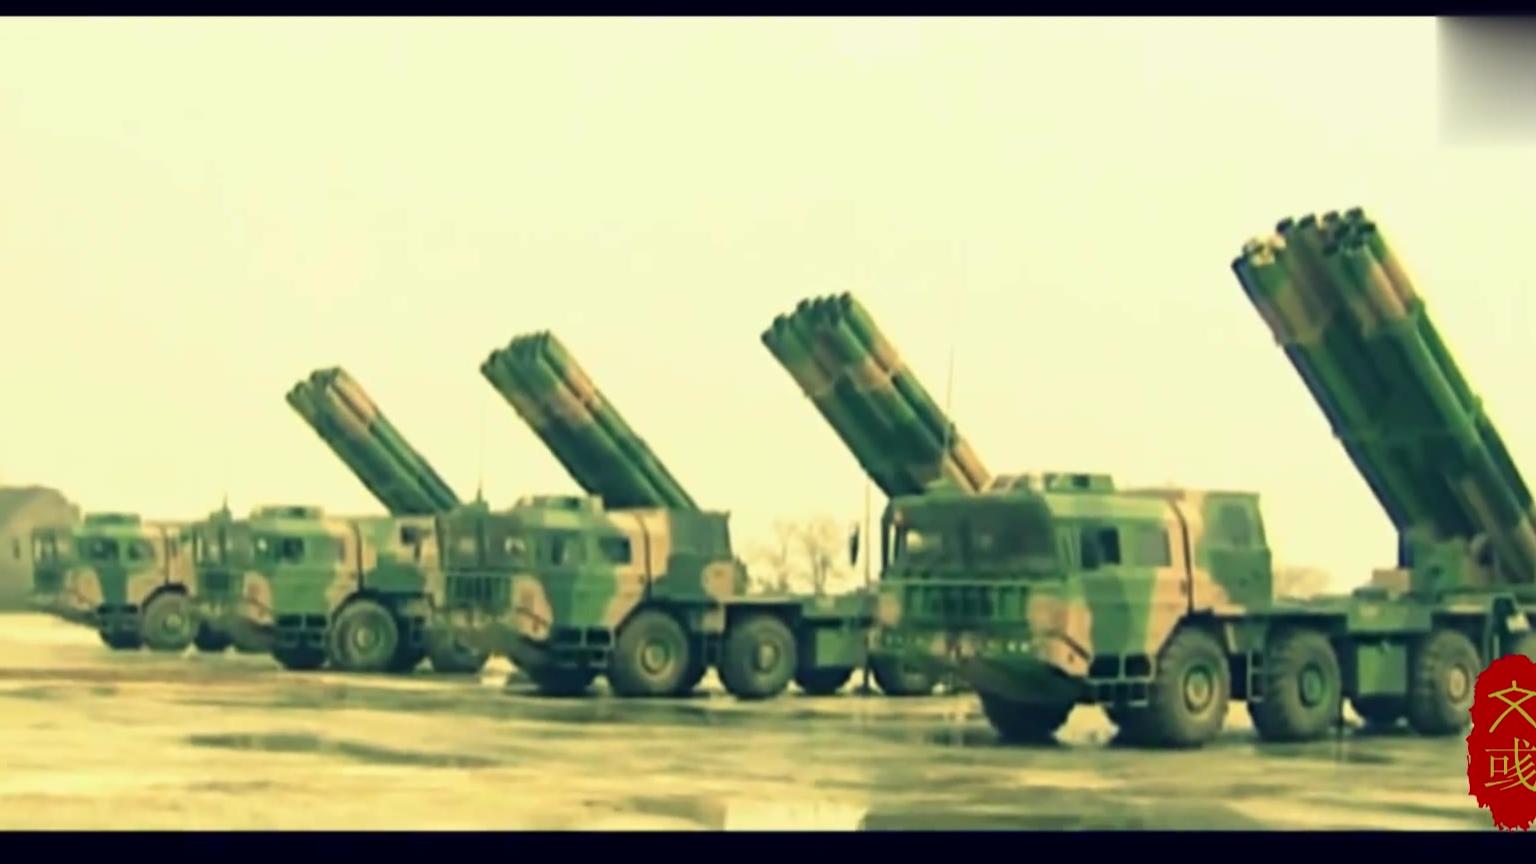 火爆YouTube的中国陆军火力全开,外国网友炸翻了:中国征服了世界!